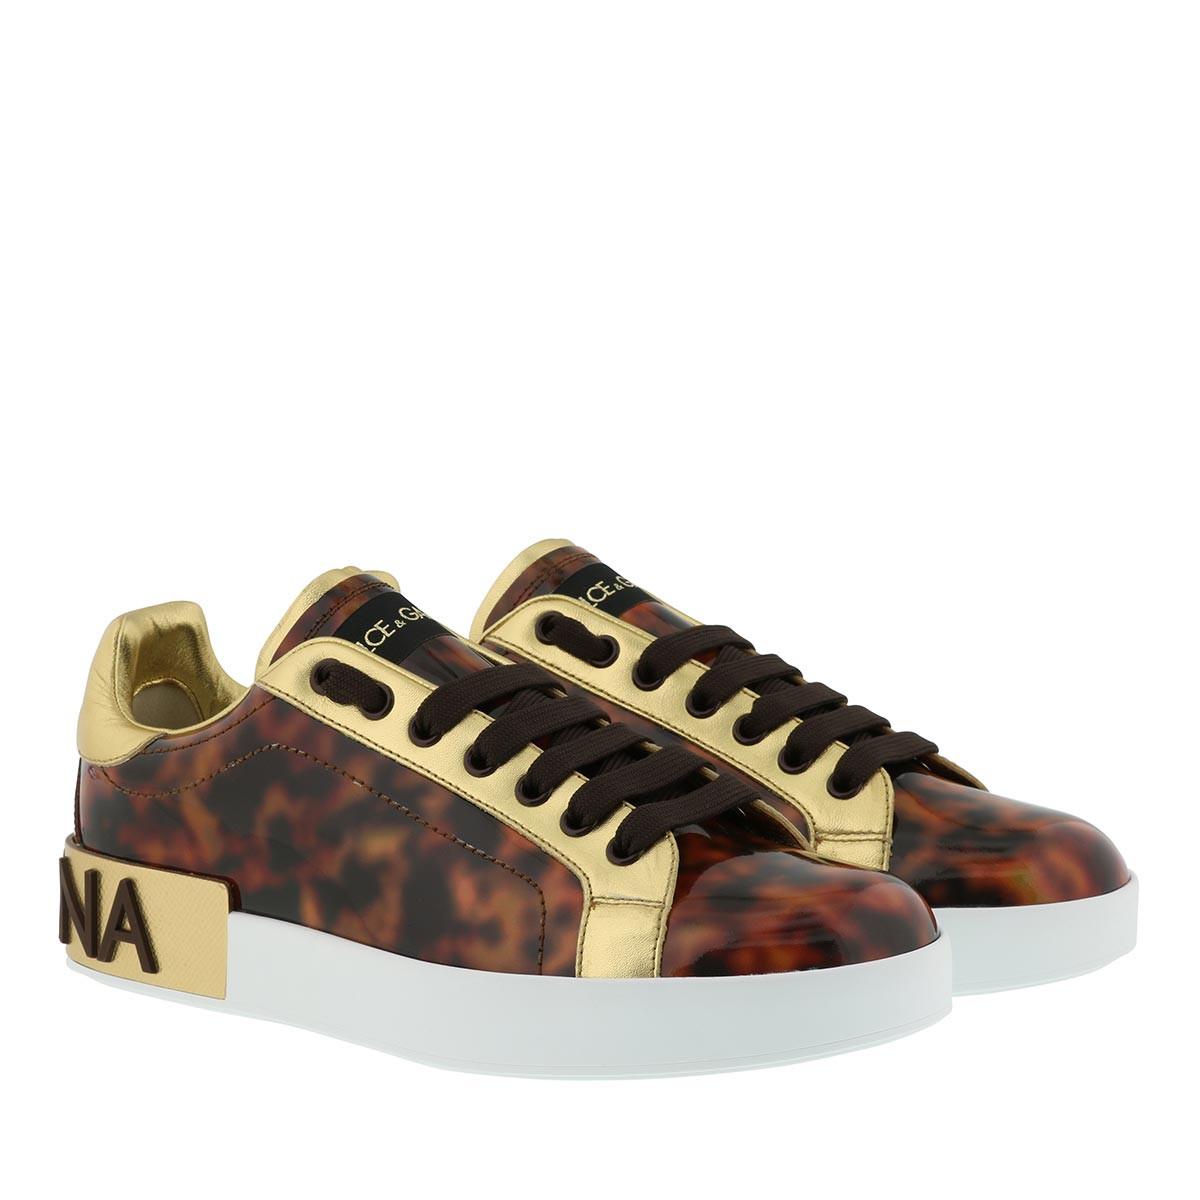 Dolce&Gabbana Sneakers - Portofino Sneaker Patent Leather Marrone - in braun - für Damen